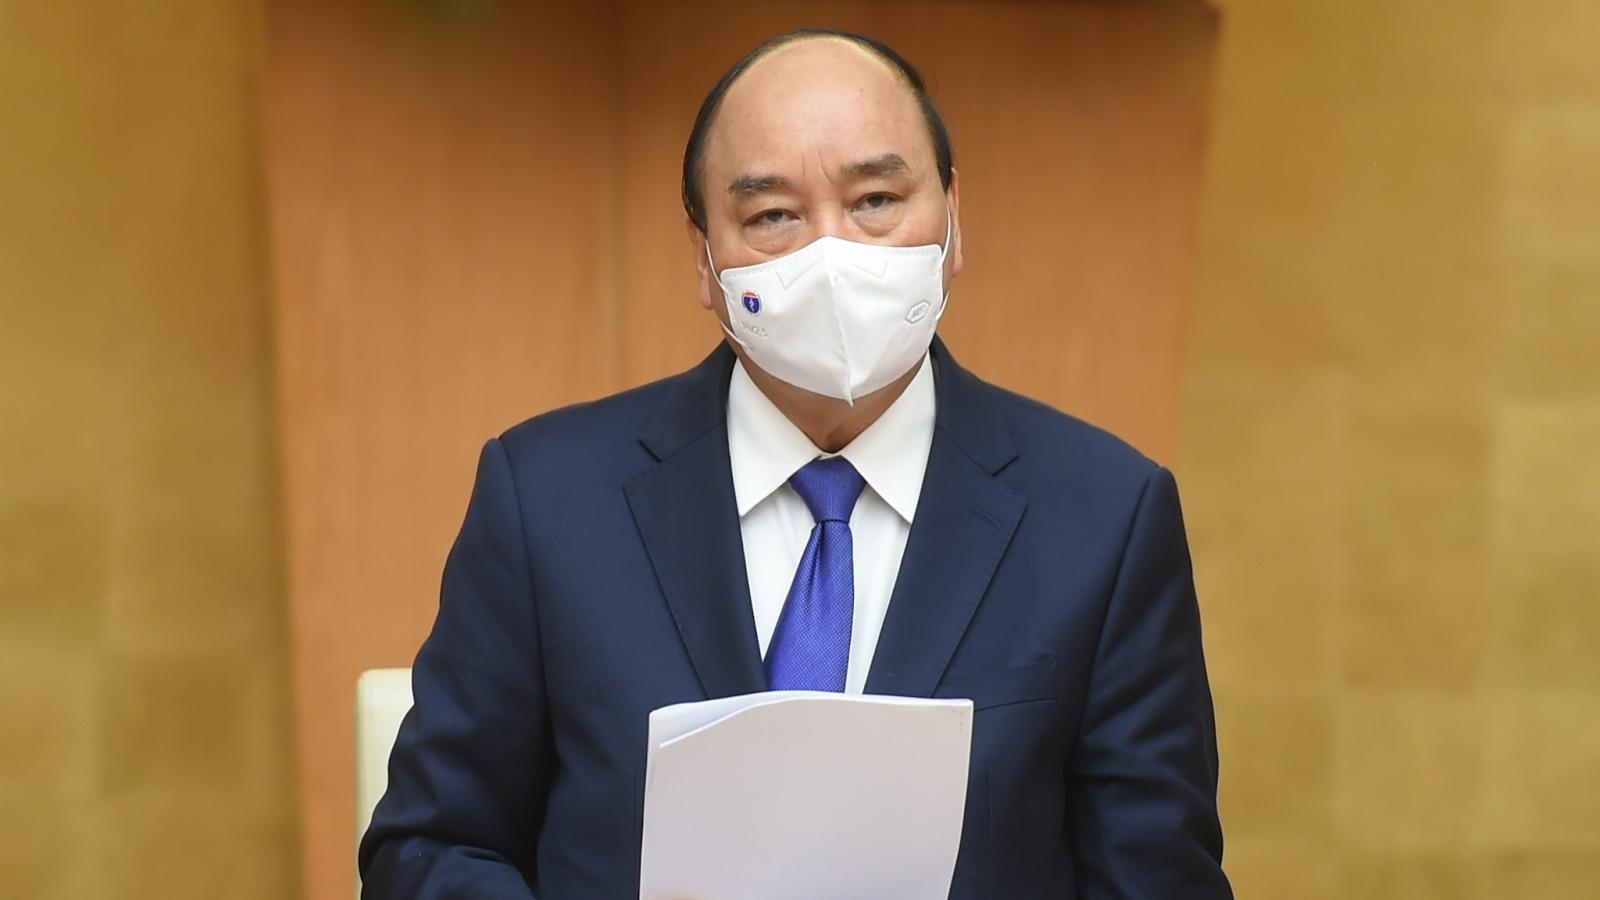 Thủ tướng yêu cầu nỗ lực để có vaccine Covid-19 ngay trong tháng 2